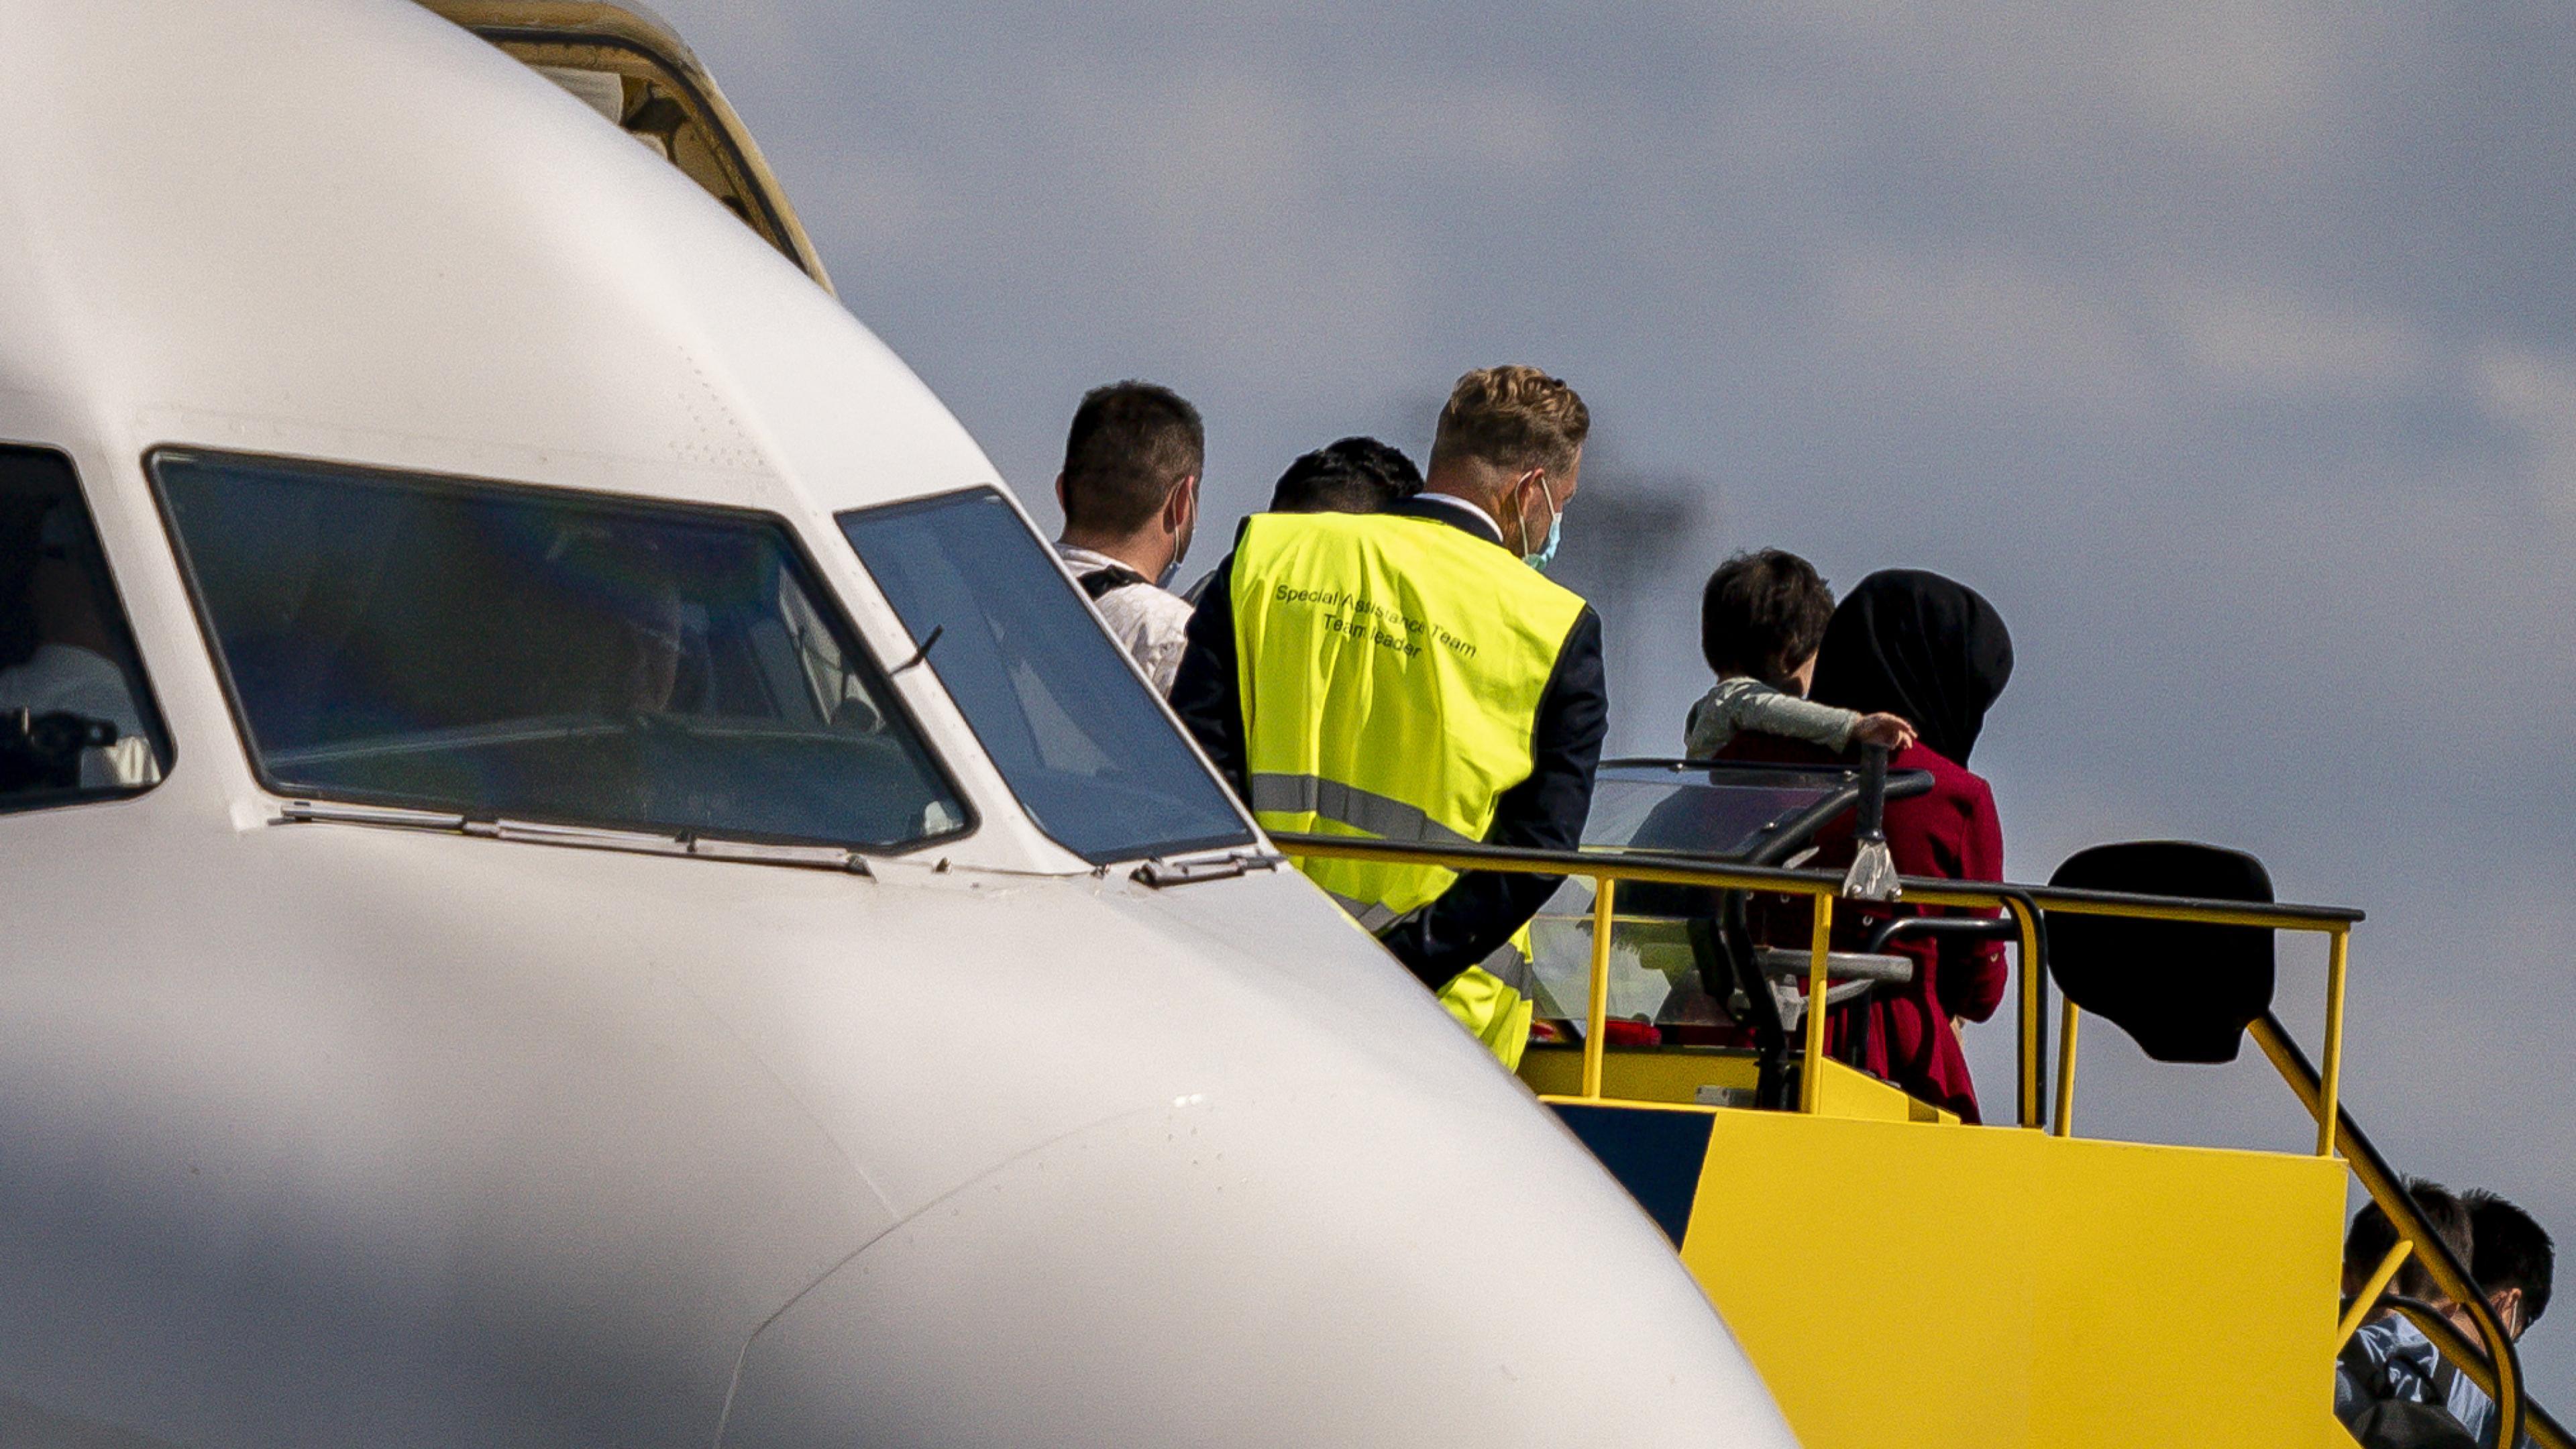 Evakuierungsflug aus Afghanistan Passagiere steigen aus Flugzeug aus